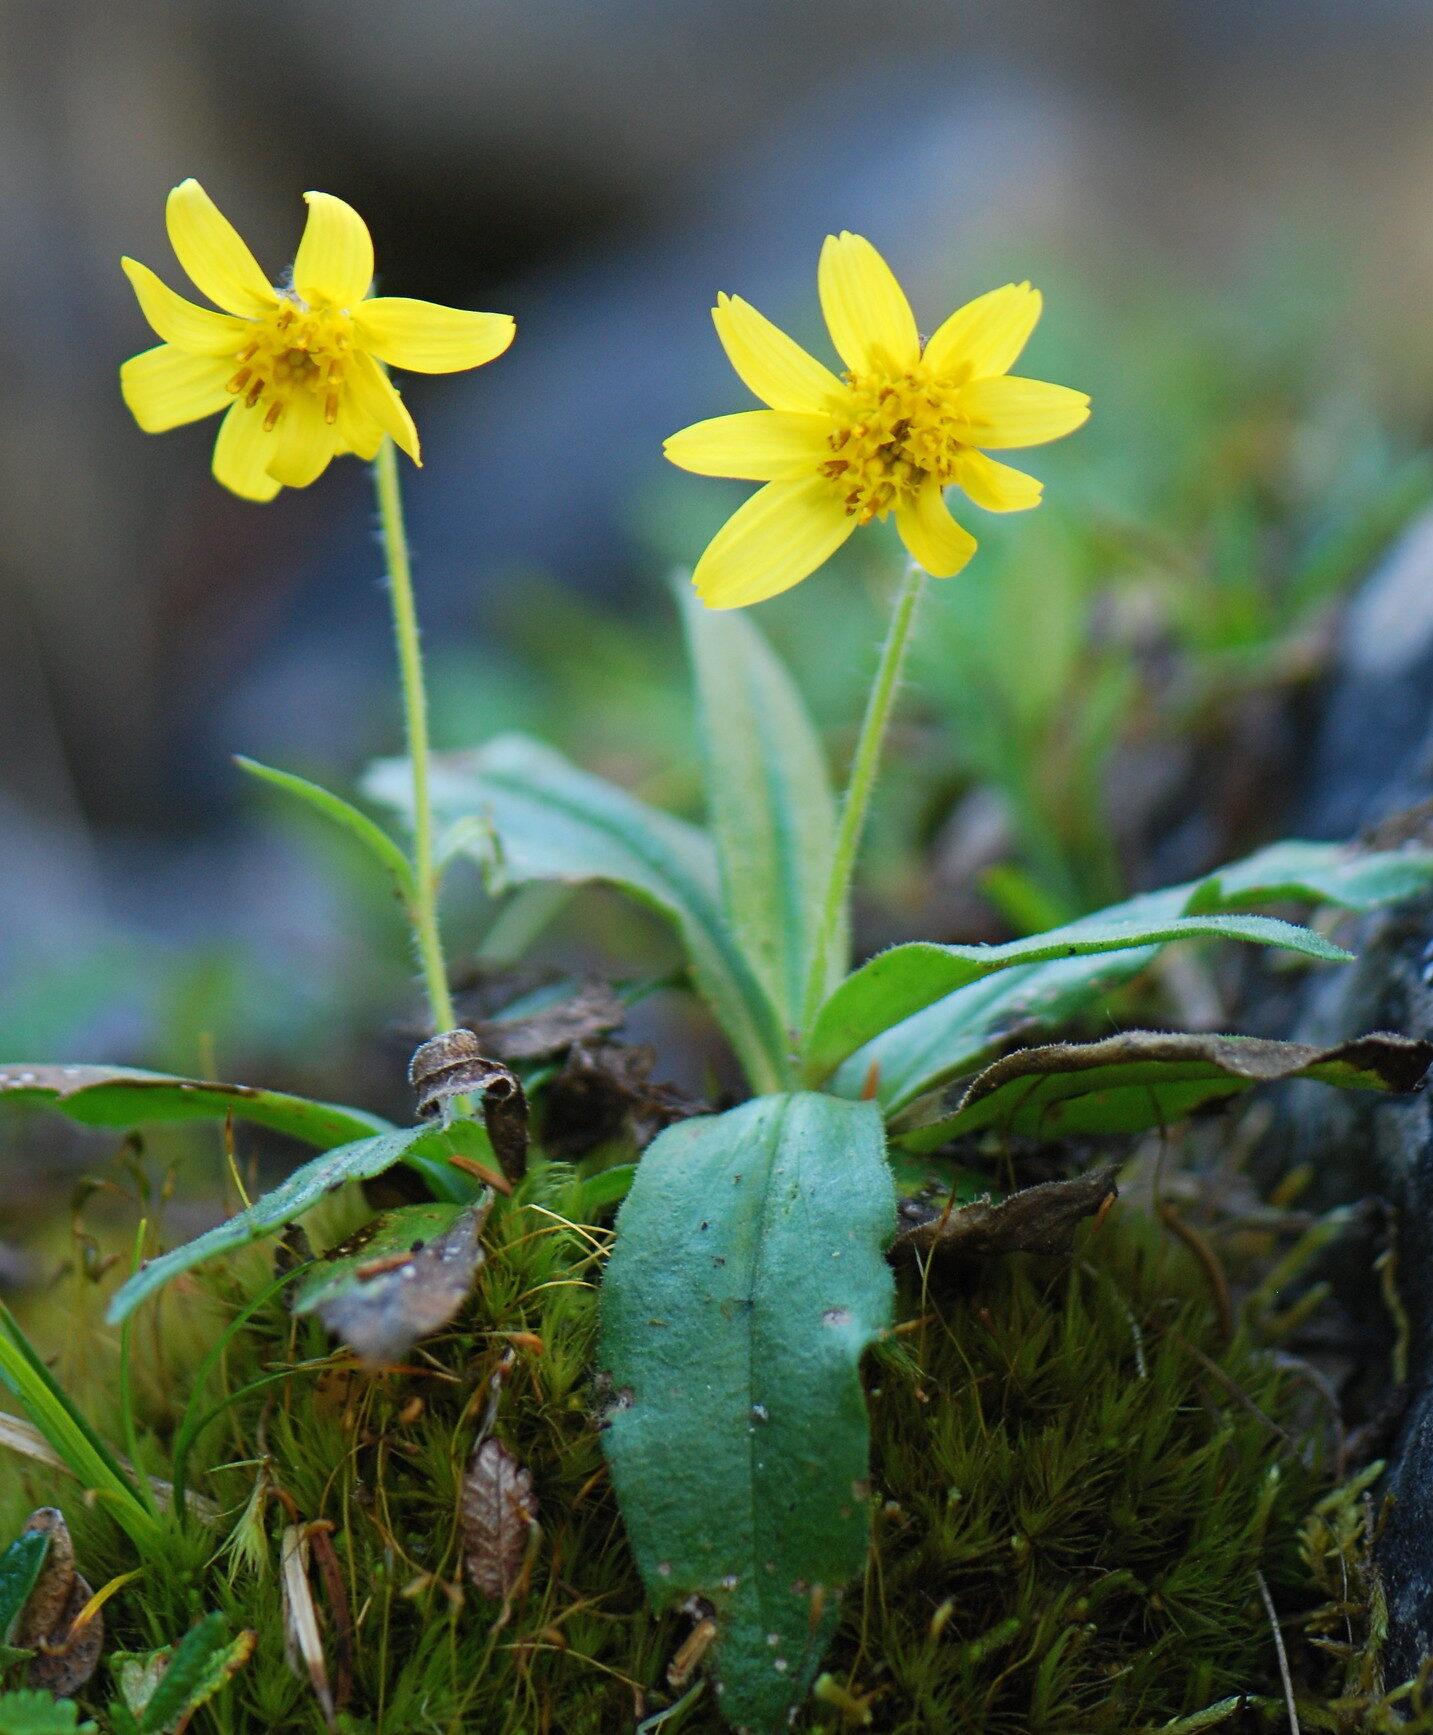 Lake Louise arnica yellow flower